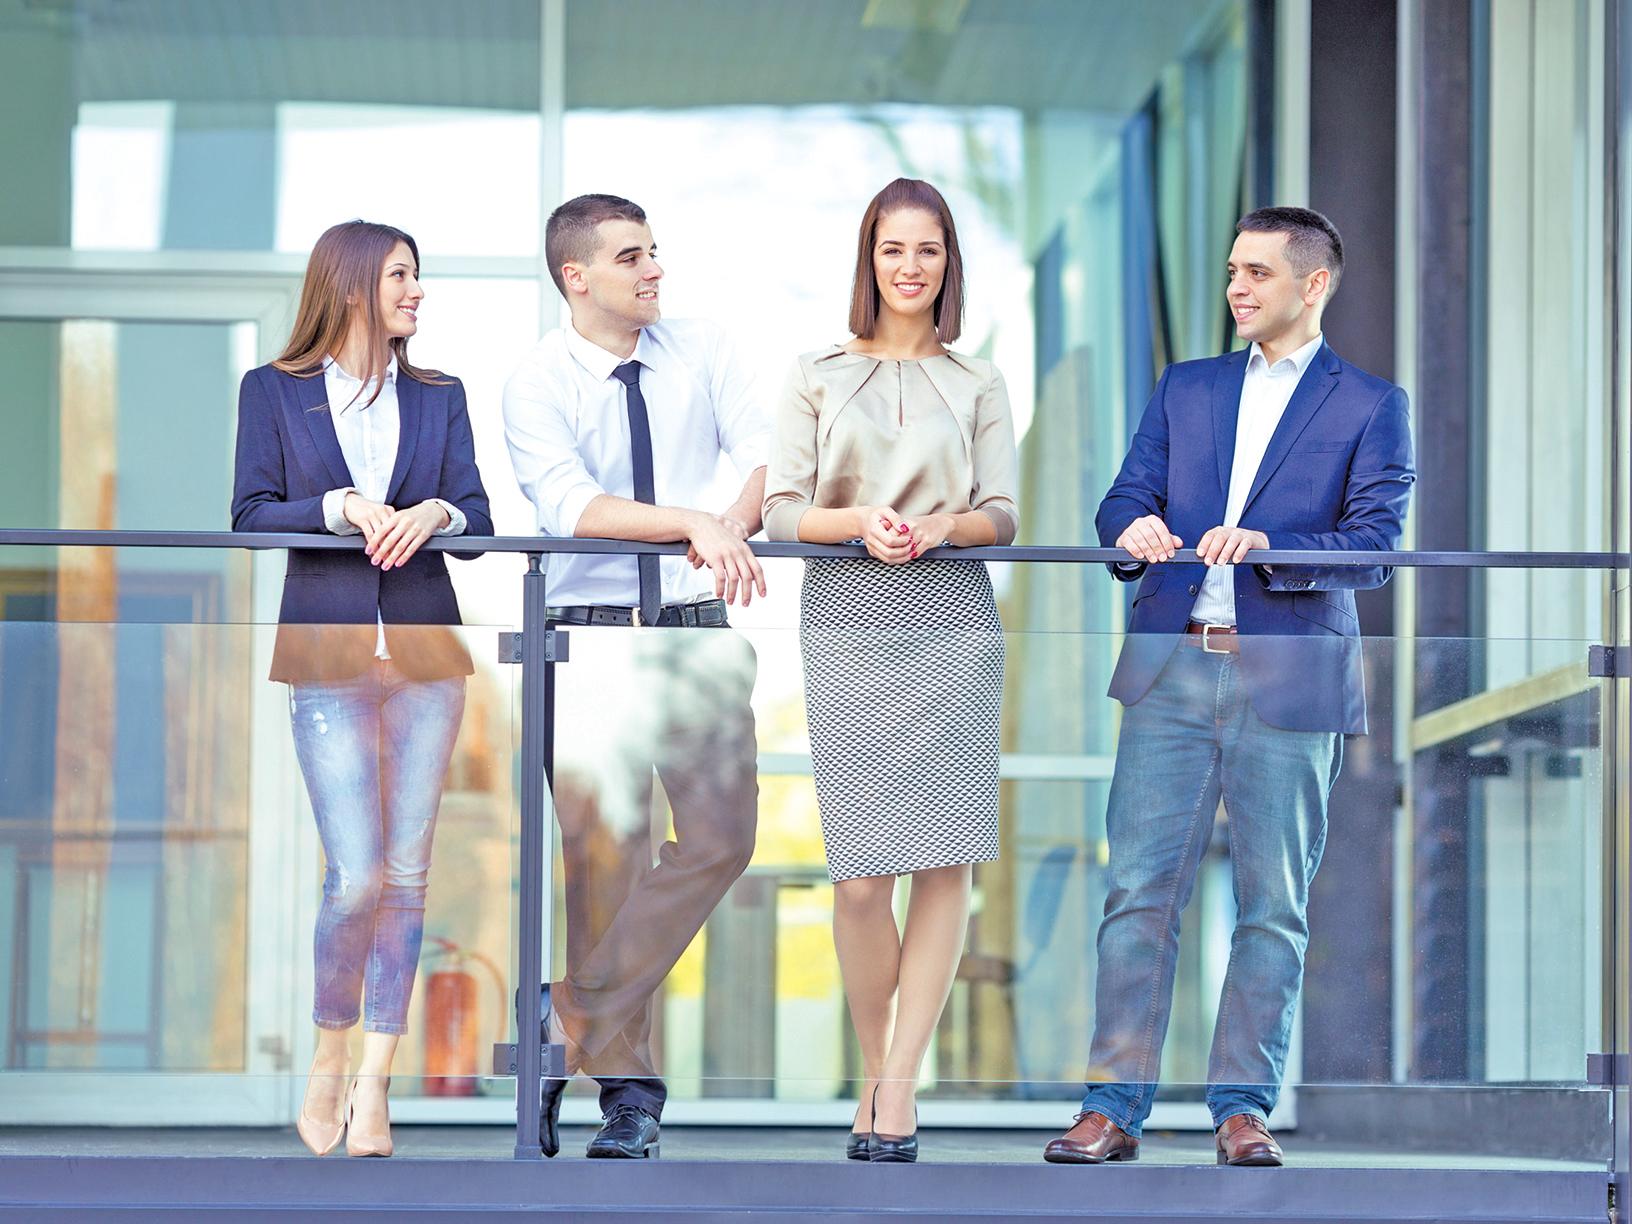 辦公室友誼應掌握甚麼樣的分寸?